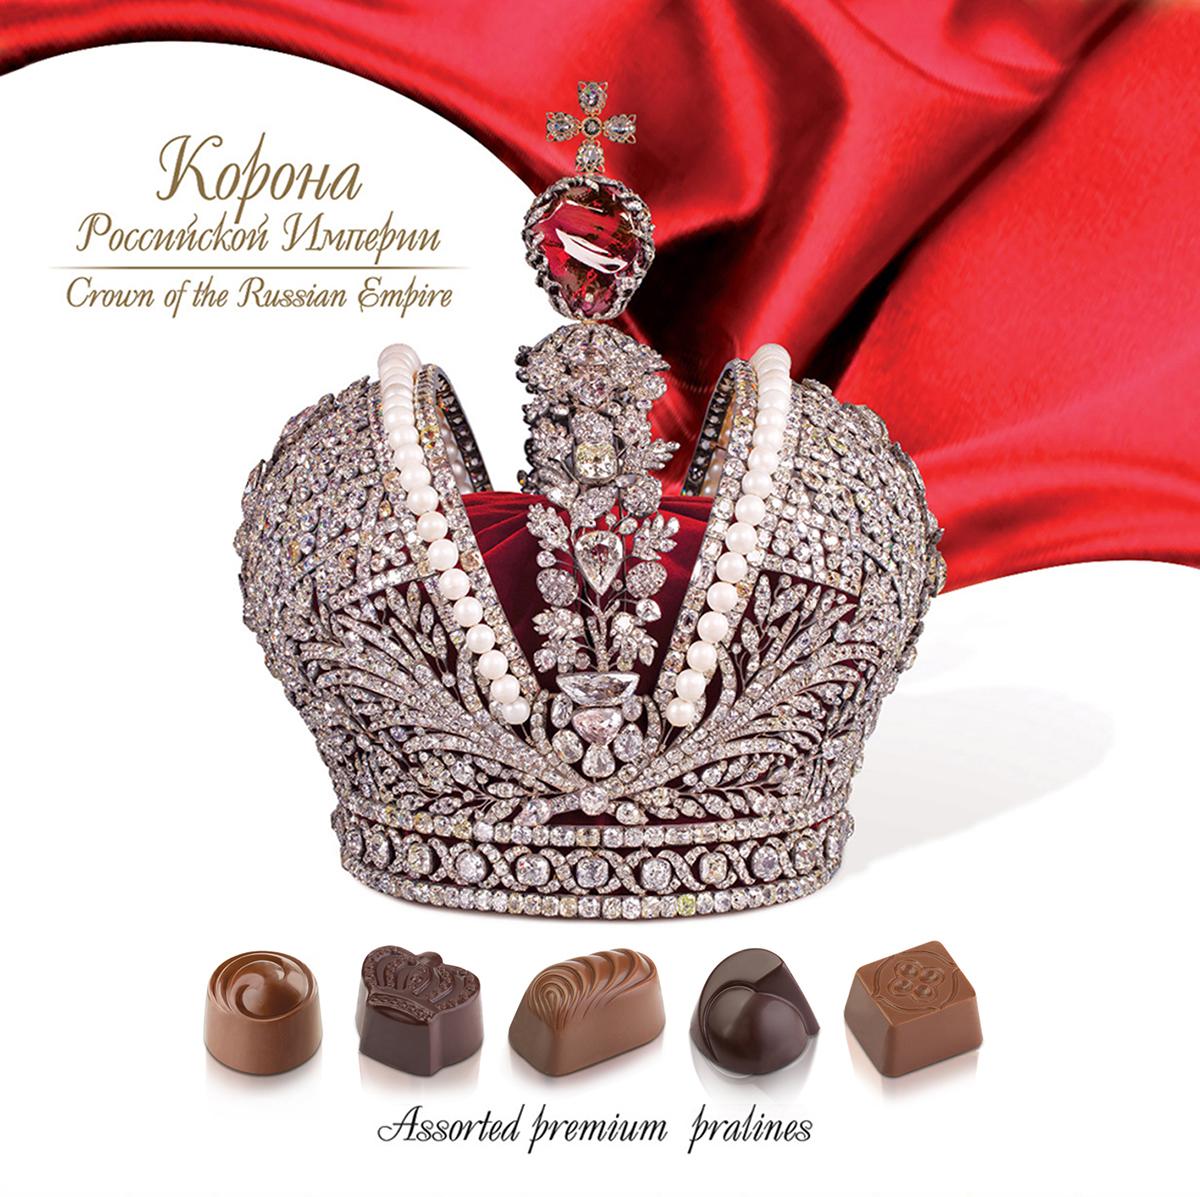 Lord Корона Российской Империи шоколадные конфеты с начинкой, 180 г